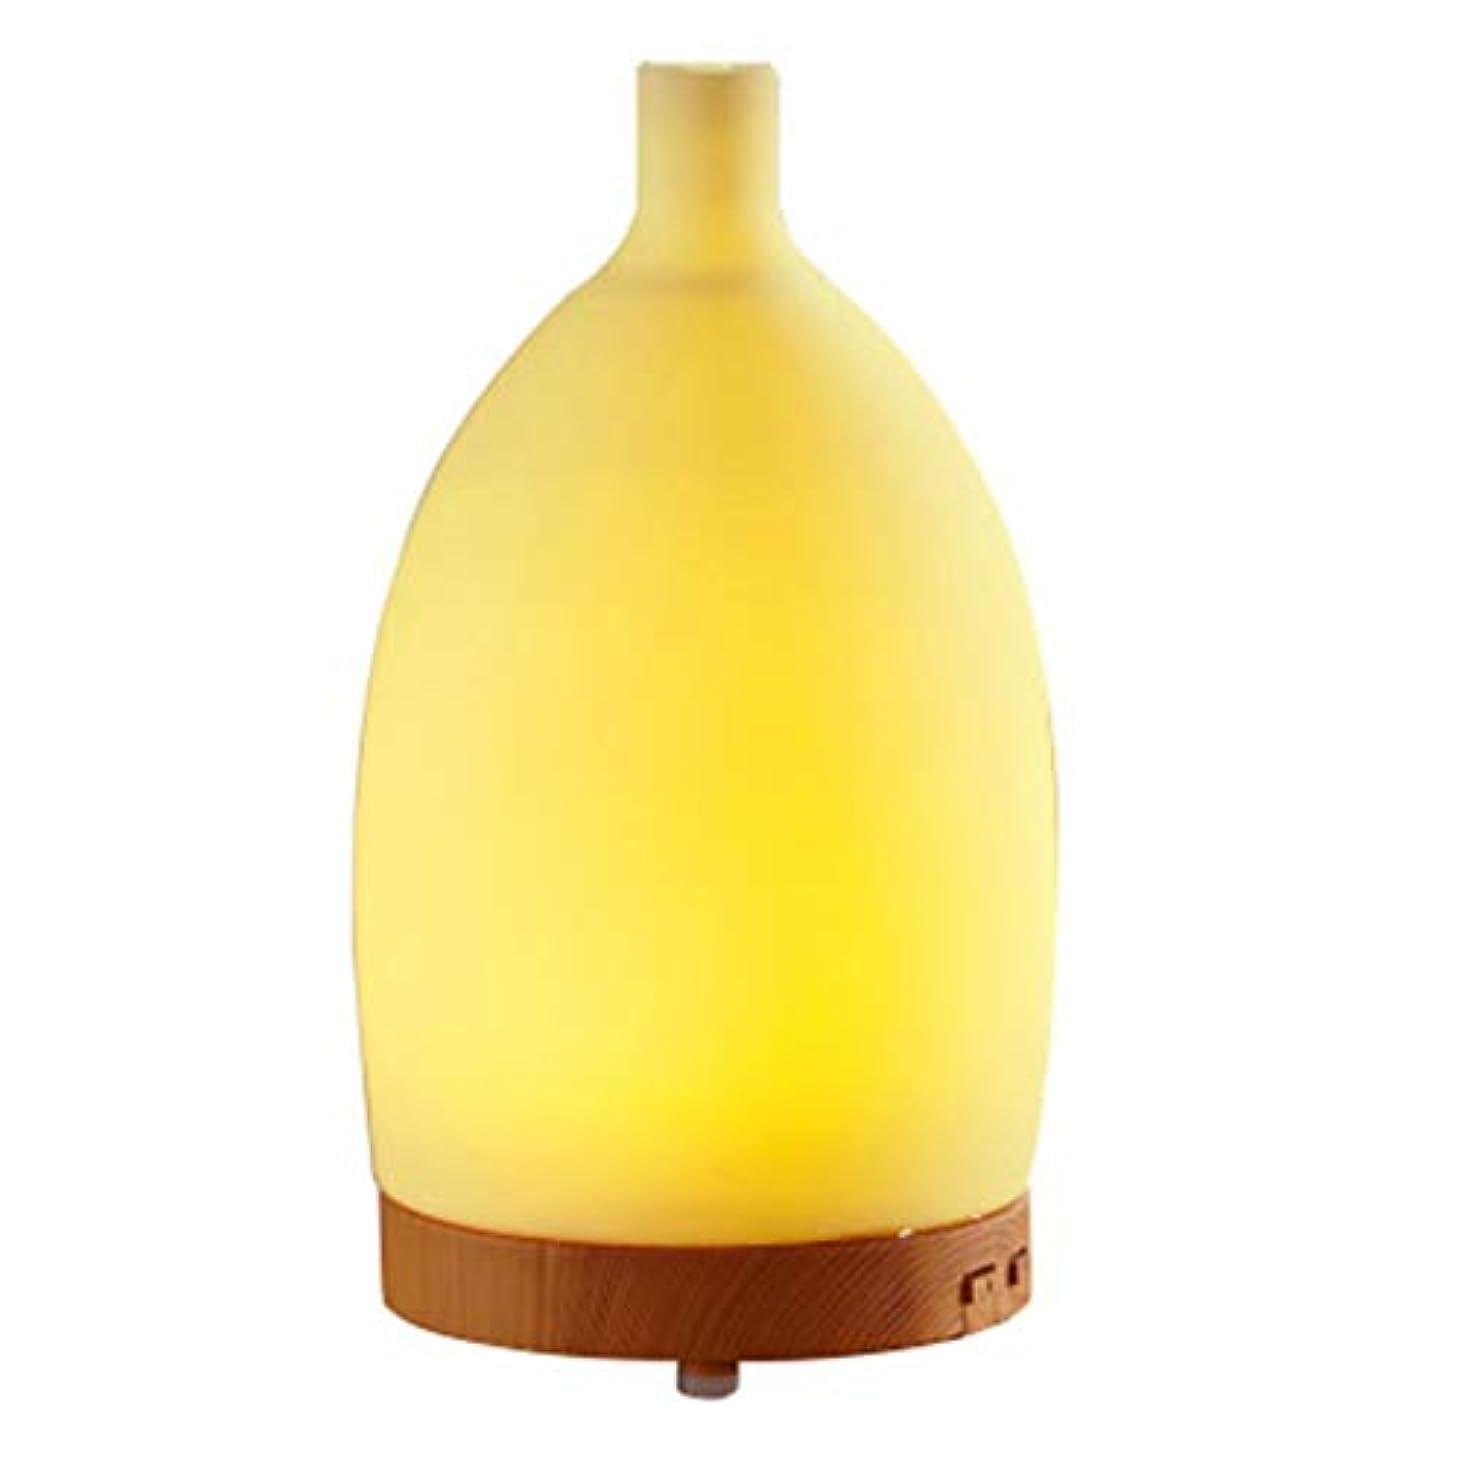 製品特許変な7つの可変性の色LEDライトが付いている100mlシリコーンの花瓶の加湿器のための精油の拡散器は水の自動オフ浄化の空気を浄化します (Color : Colorful)